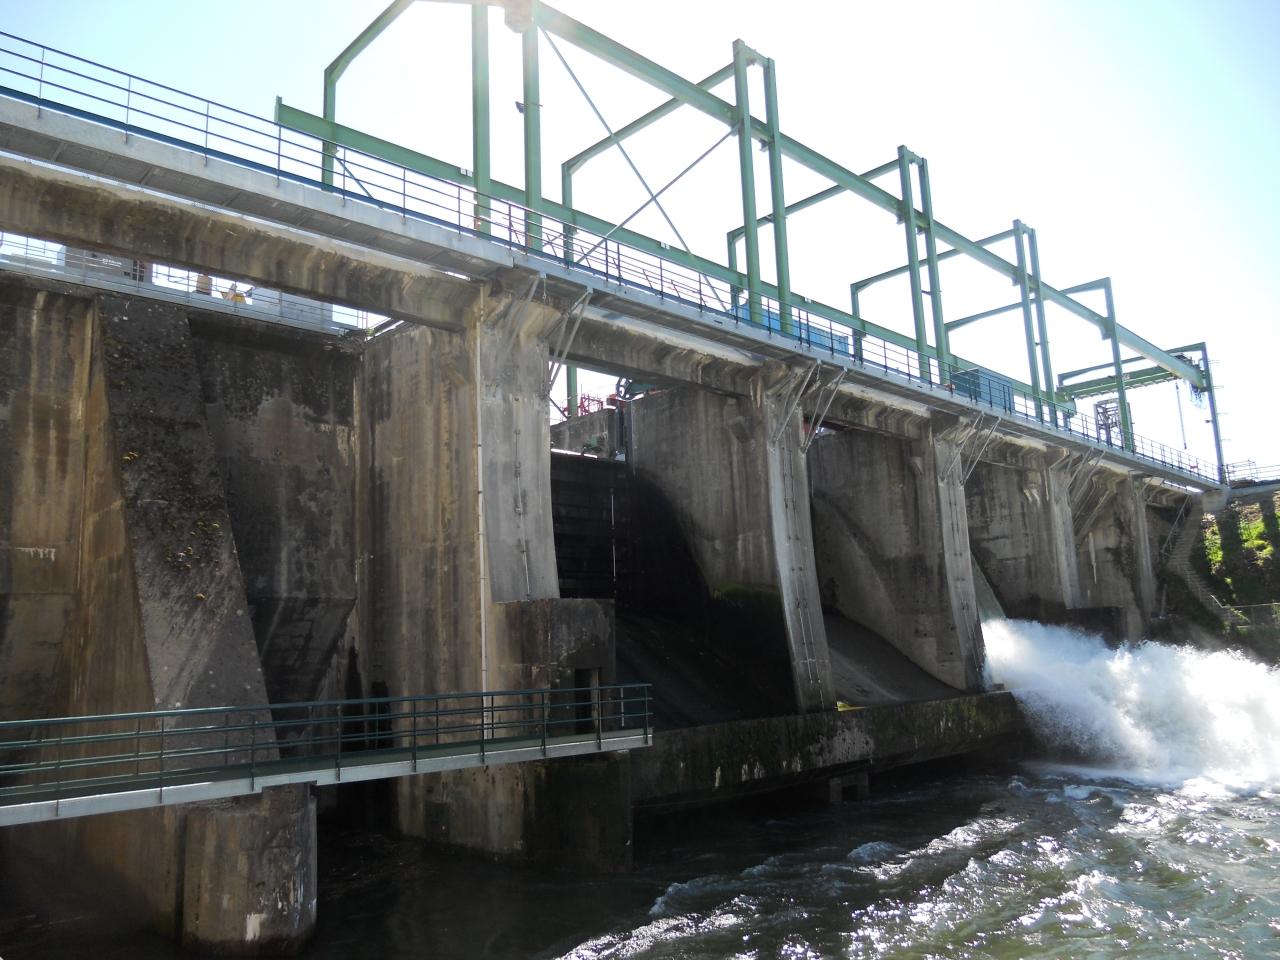 Remplacement de Vannes wagon d'un barrage hydroélectrique